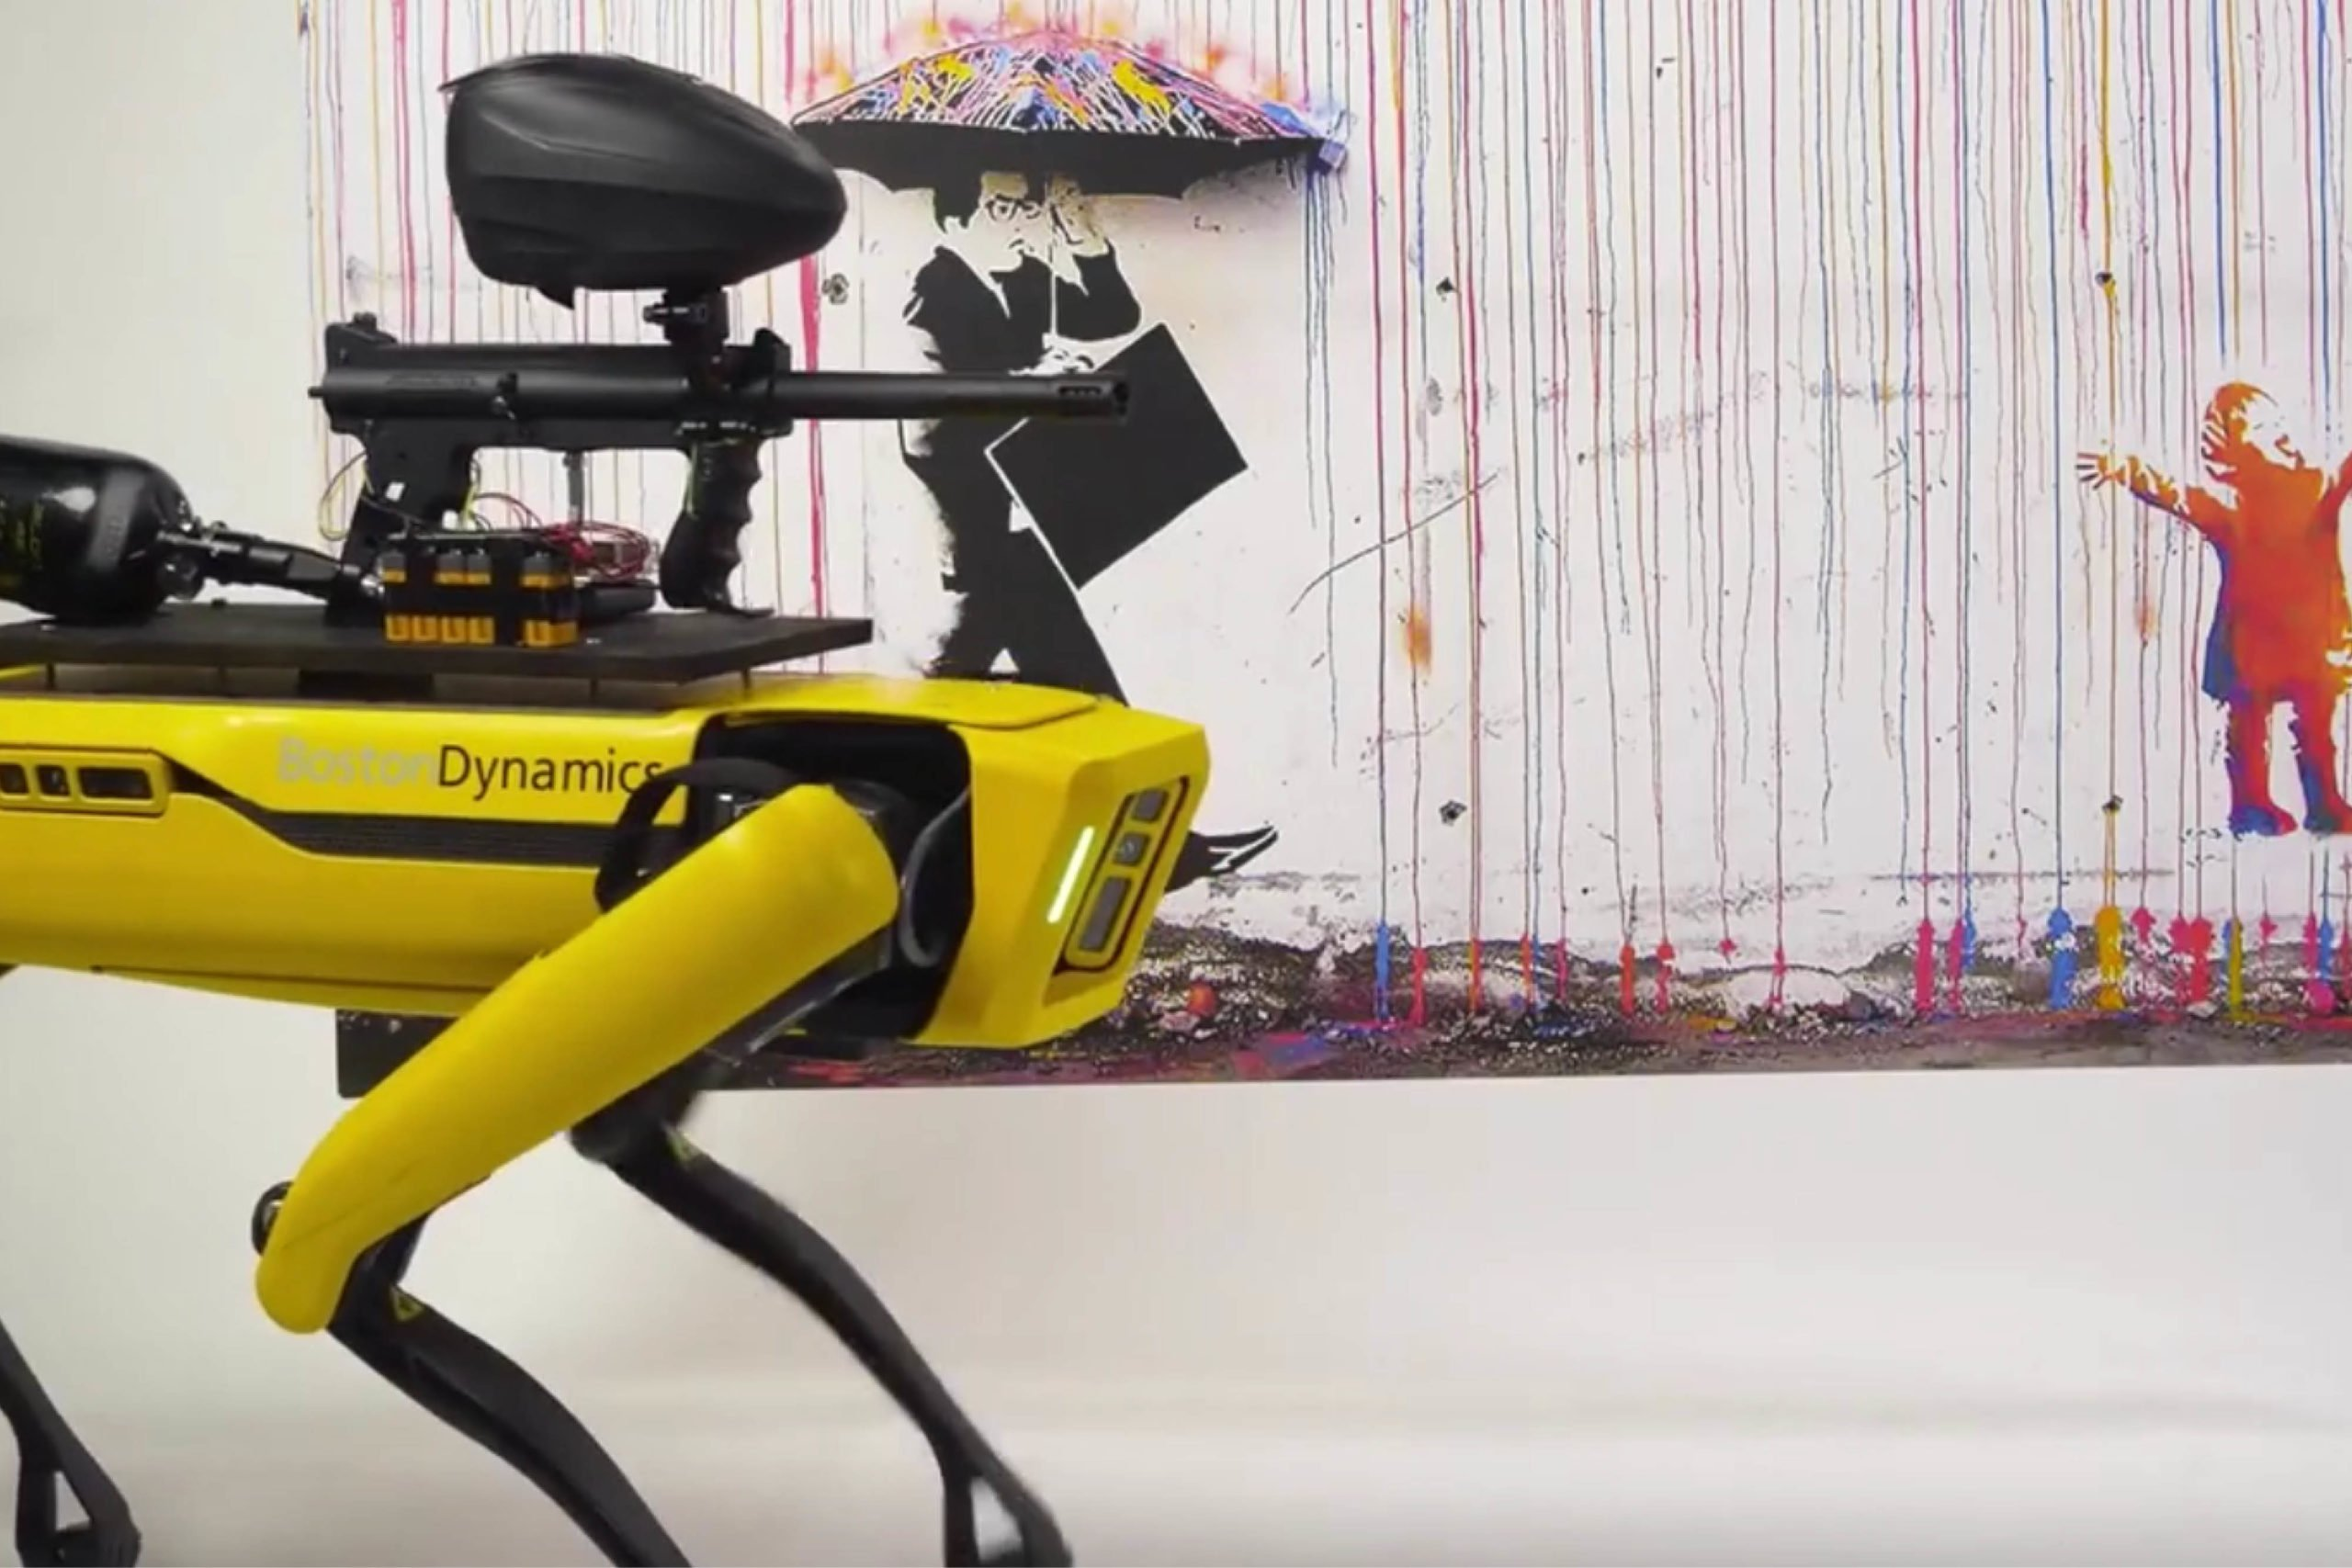 Le chien Boston Dynamics va s'armer, pour une expérience sociale - Journal du geek